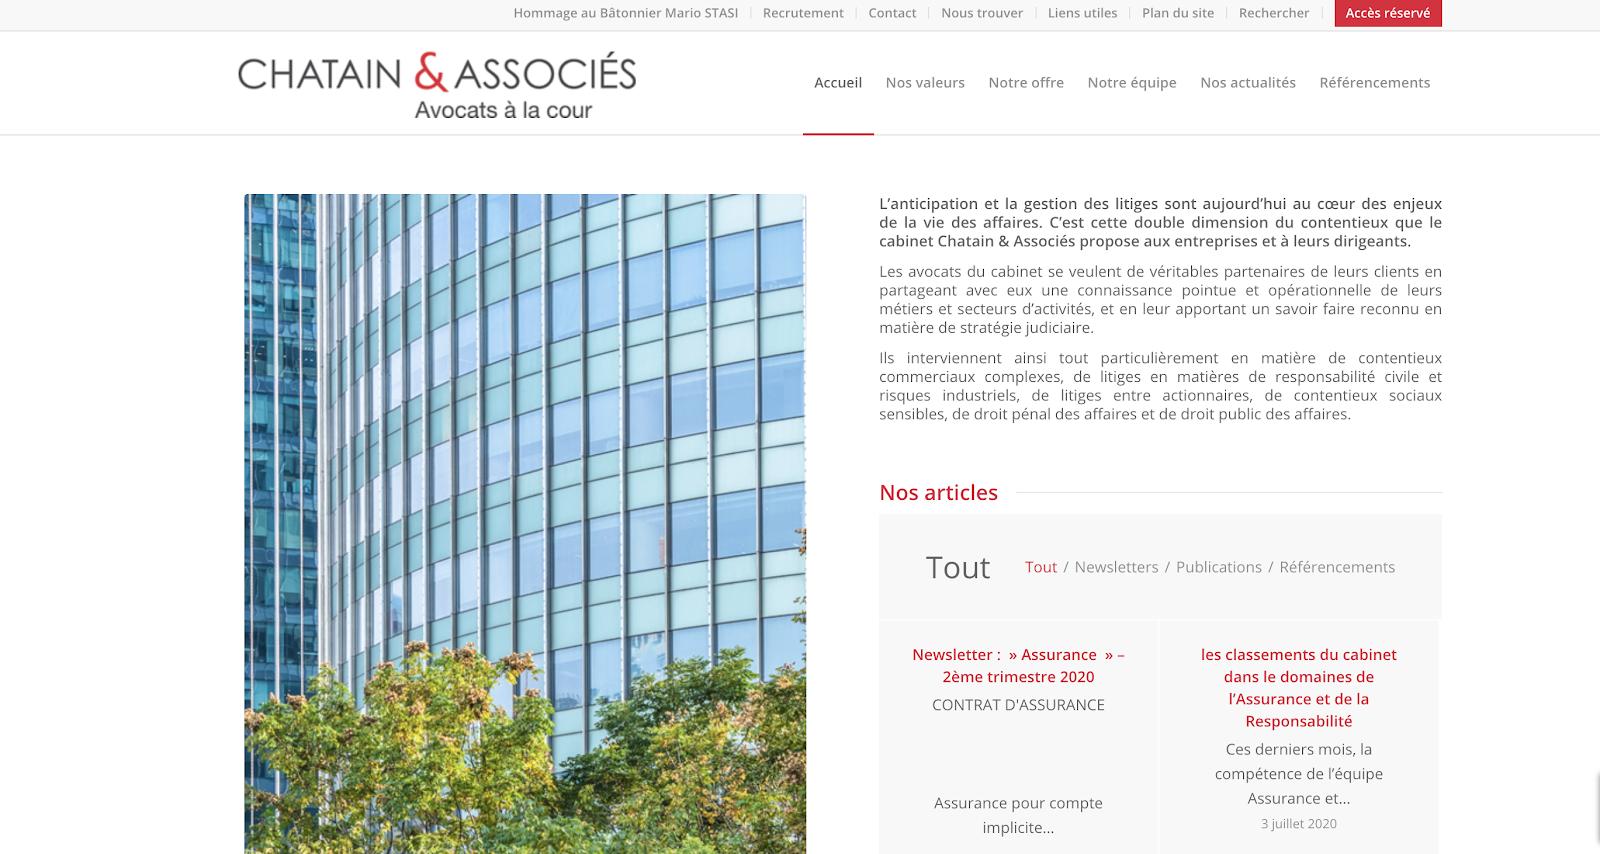 site du cabinet Chatain et associés